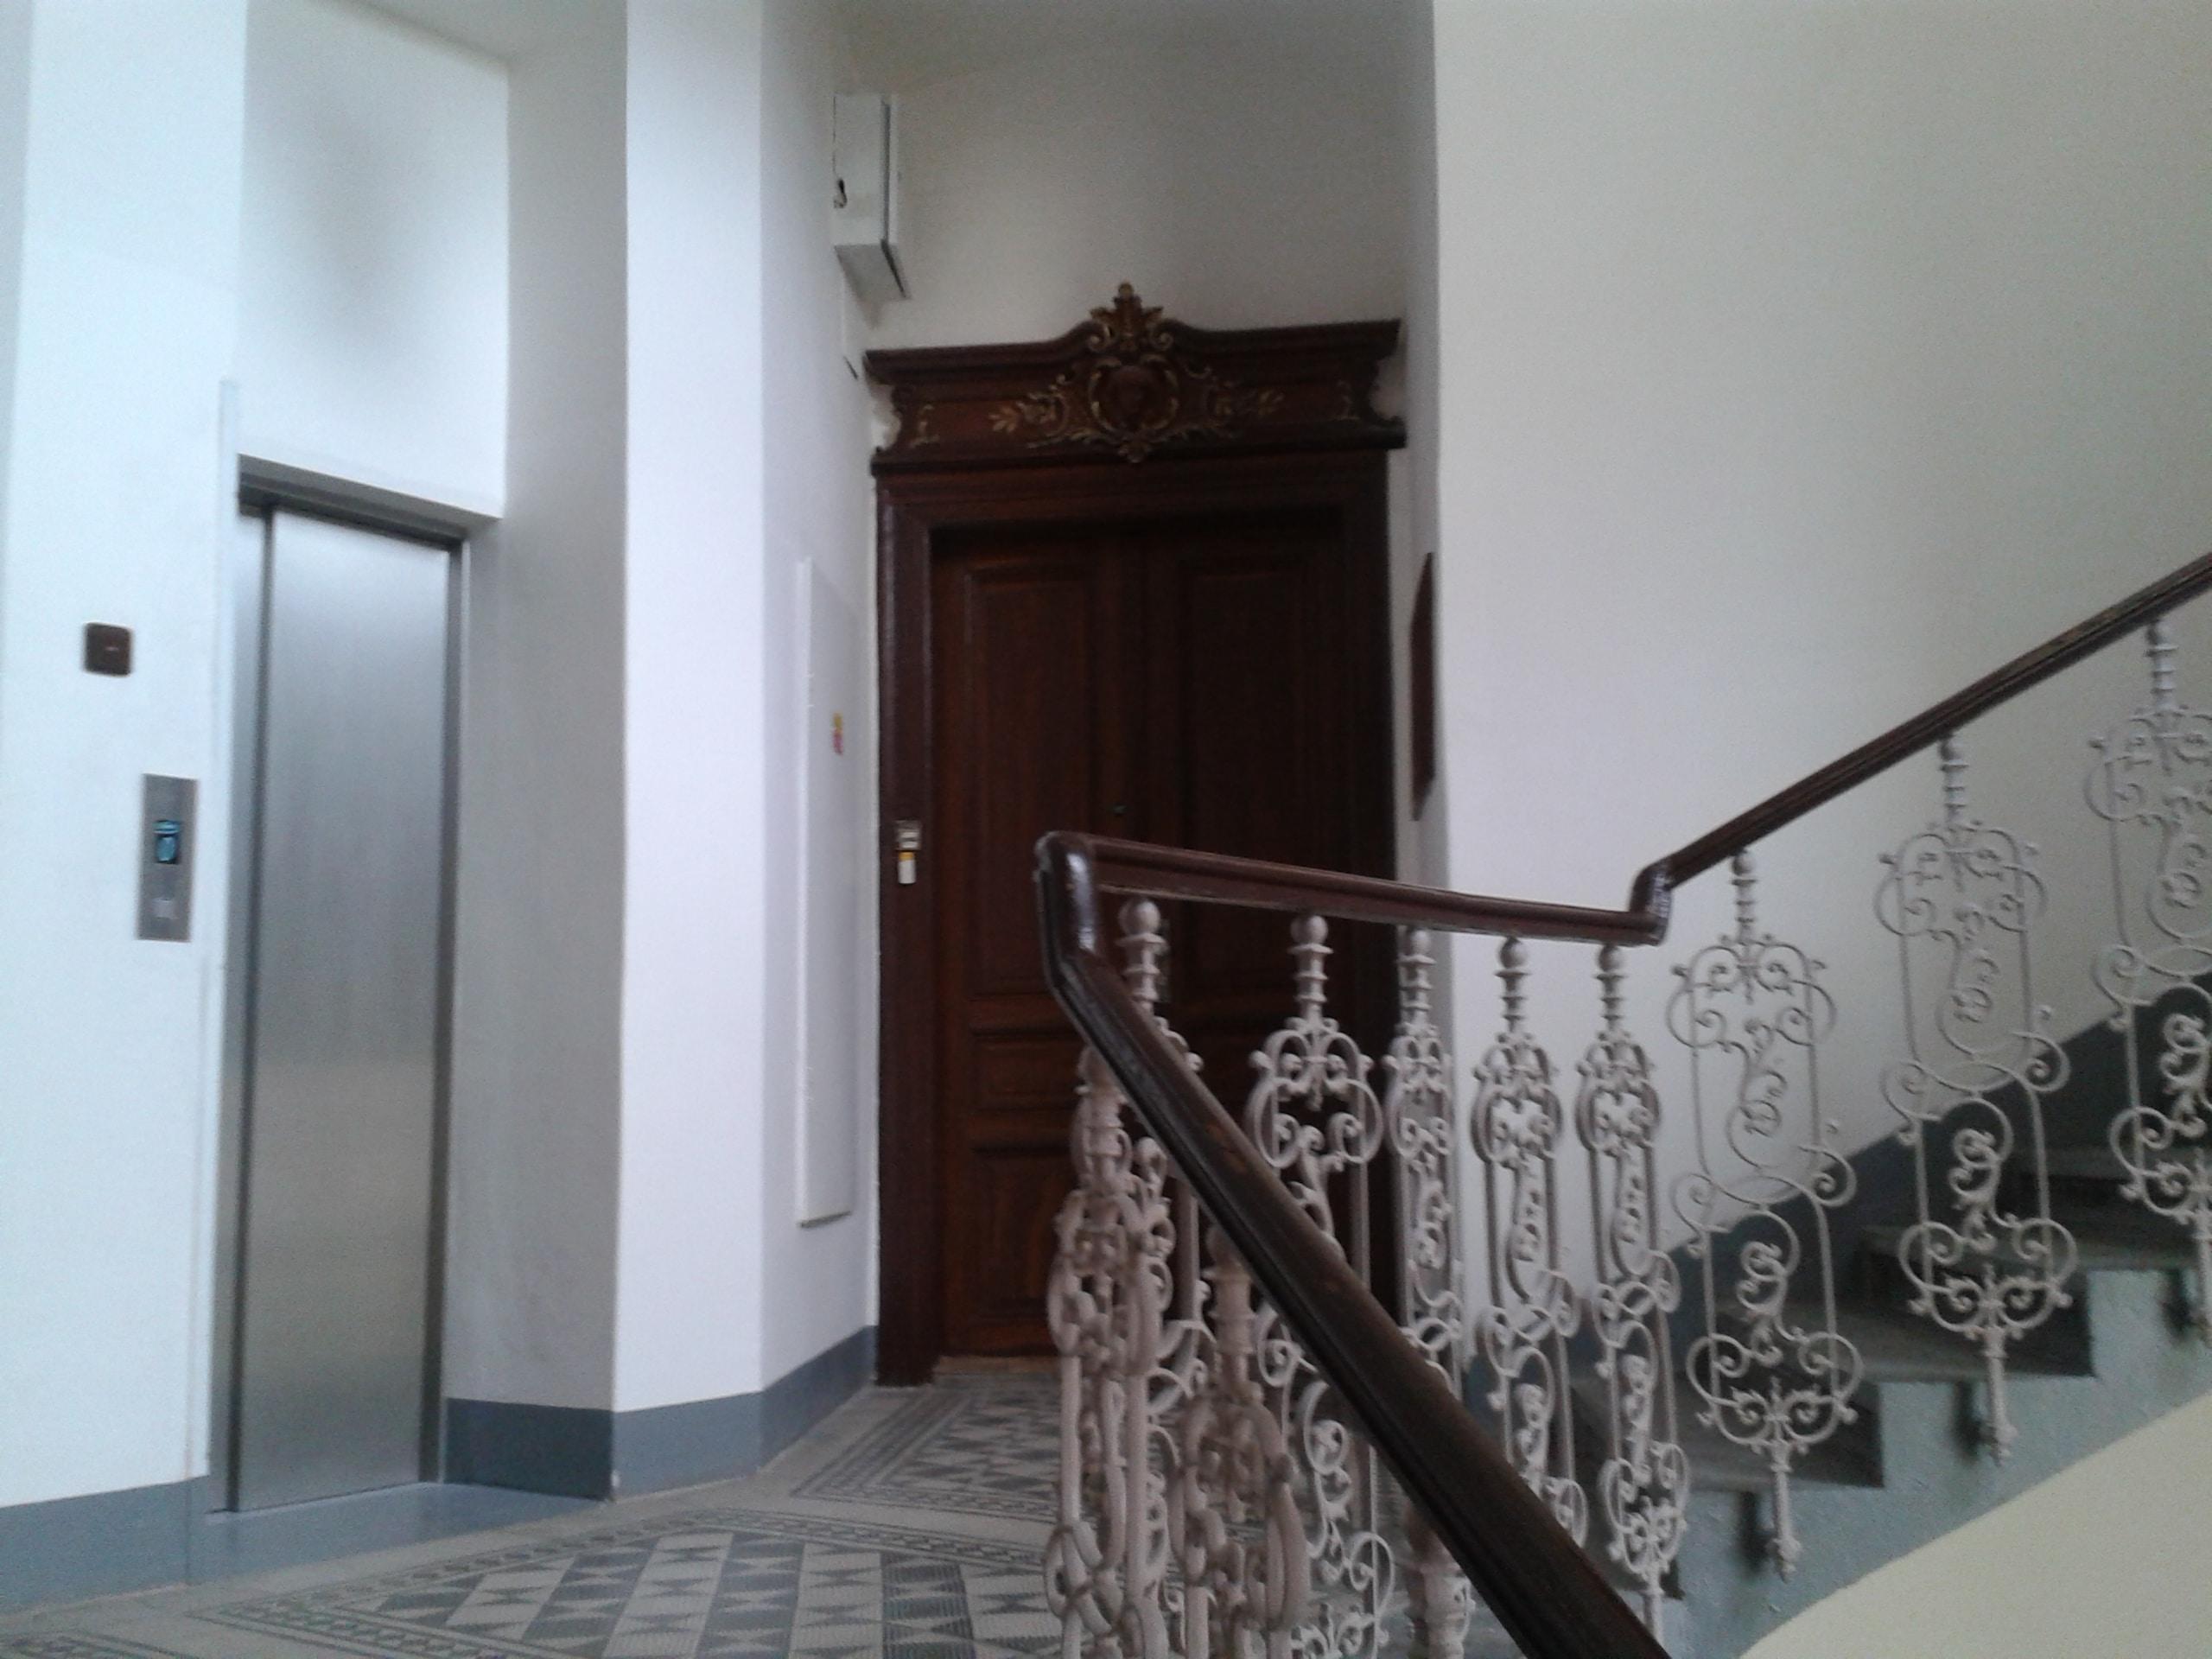 למכירה דירת 3+kk יפהפיה בפראג 1 העיר החדשה (55)